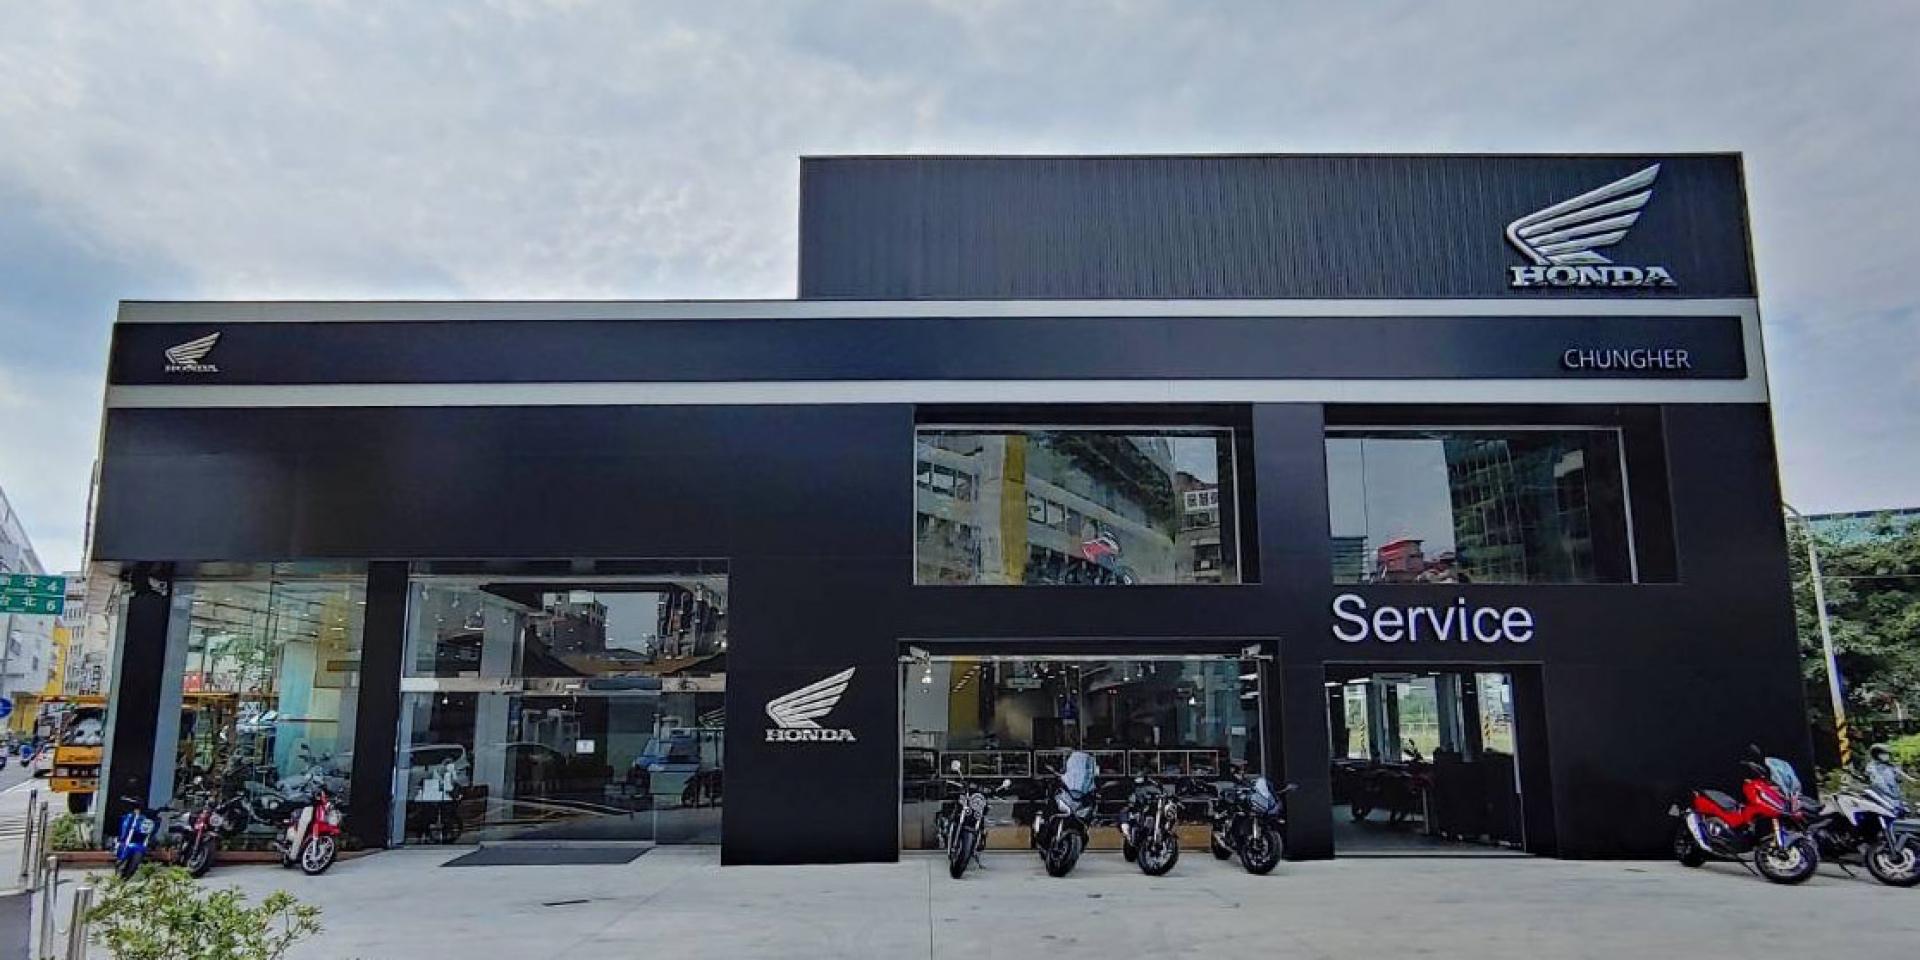 Honda Motorcycle Chungher / Hsinchu 全新據點開始營運